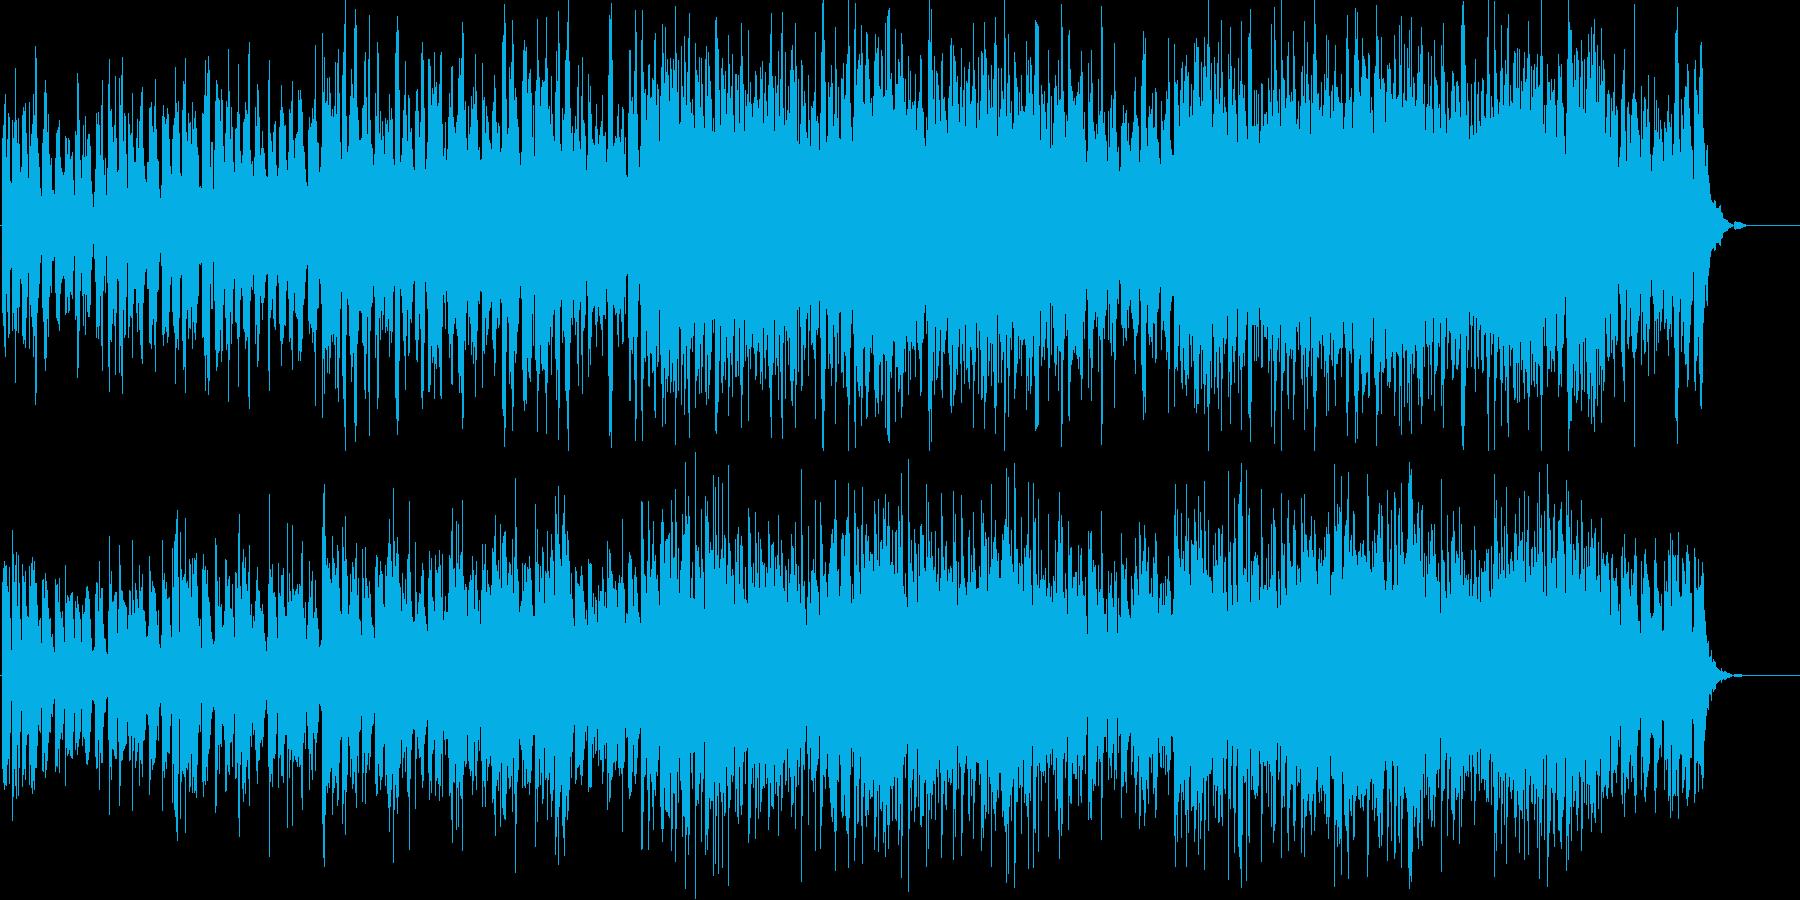 暗く緊迫感のあるシンセアンビエントの再生済みの波形